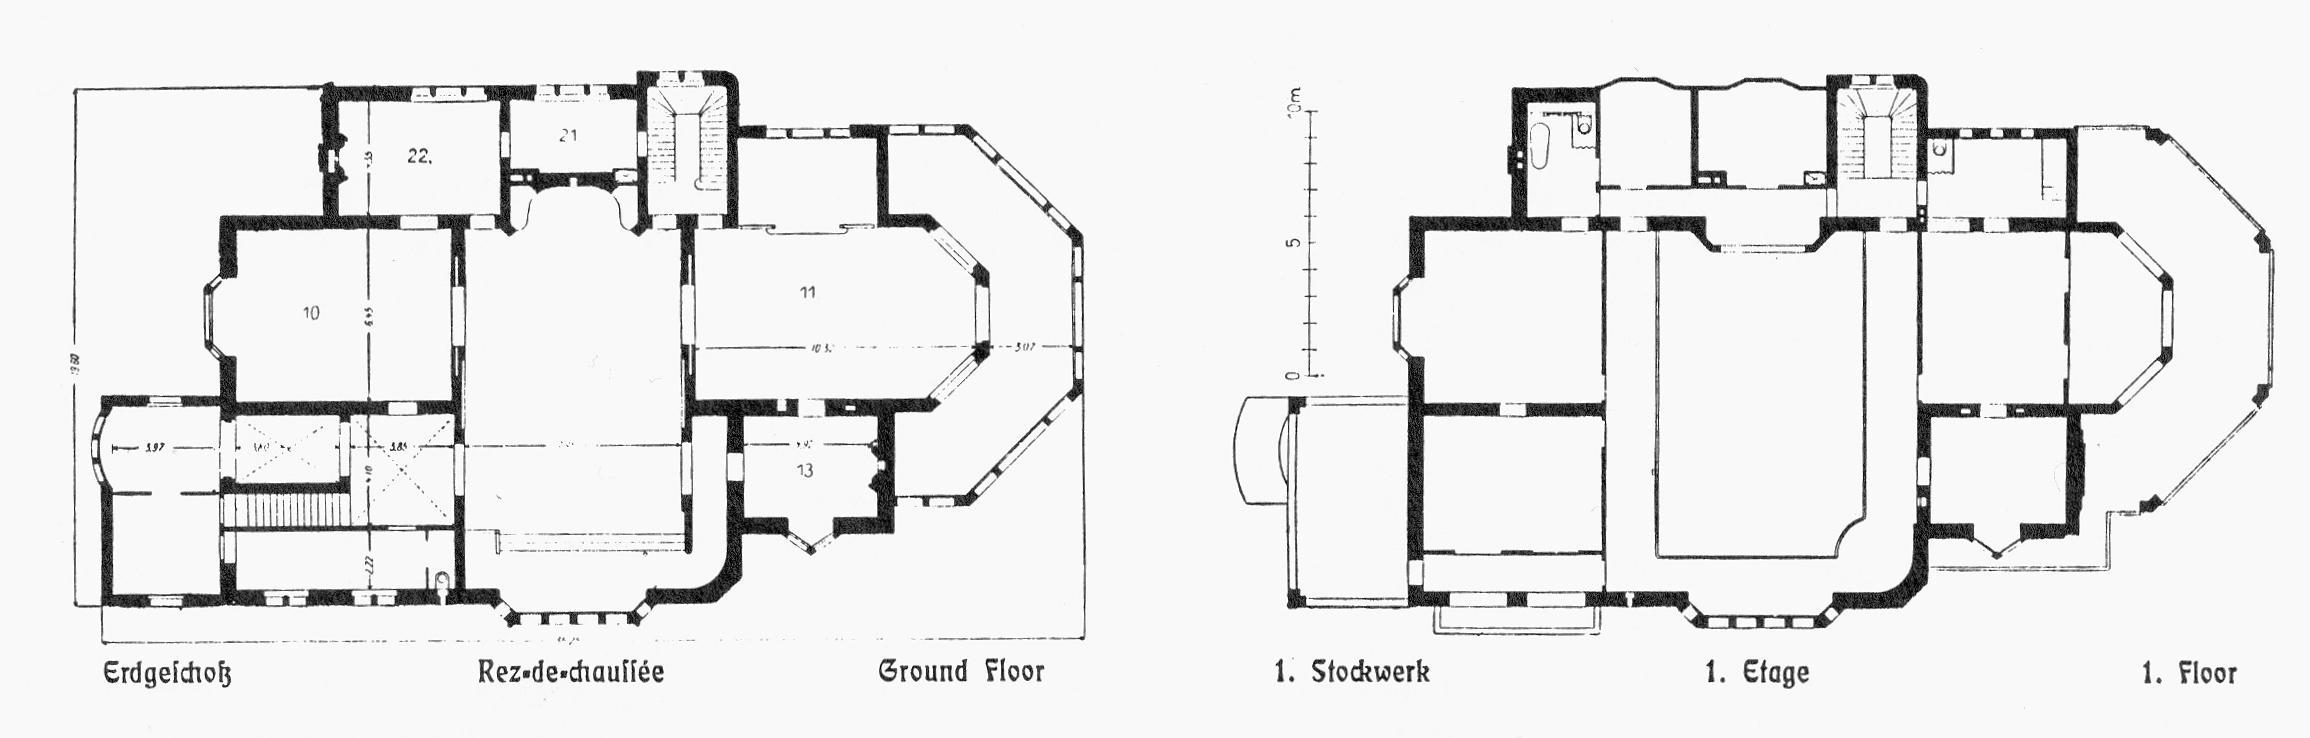 FileVilla Stollwerck Am Bayenthalgurtel 2 In Koln Marienburg Architekt Bruno Schmitz Erbaut Von Mai 1902